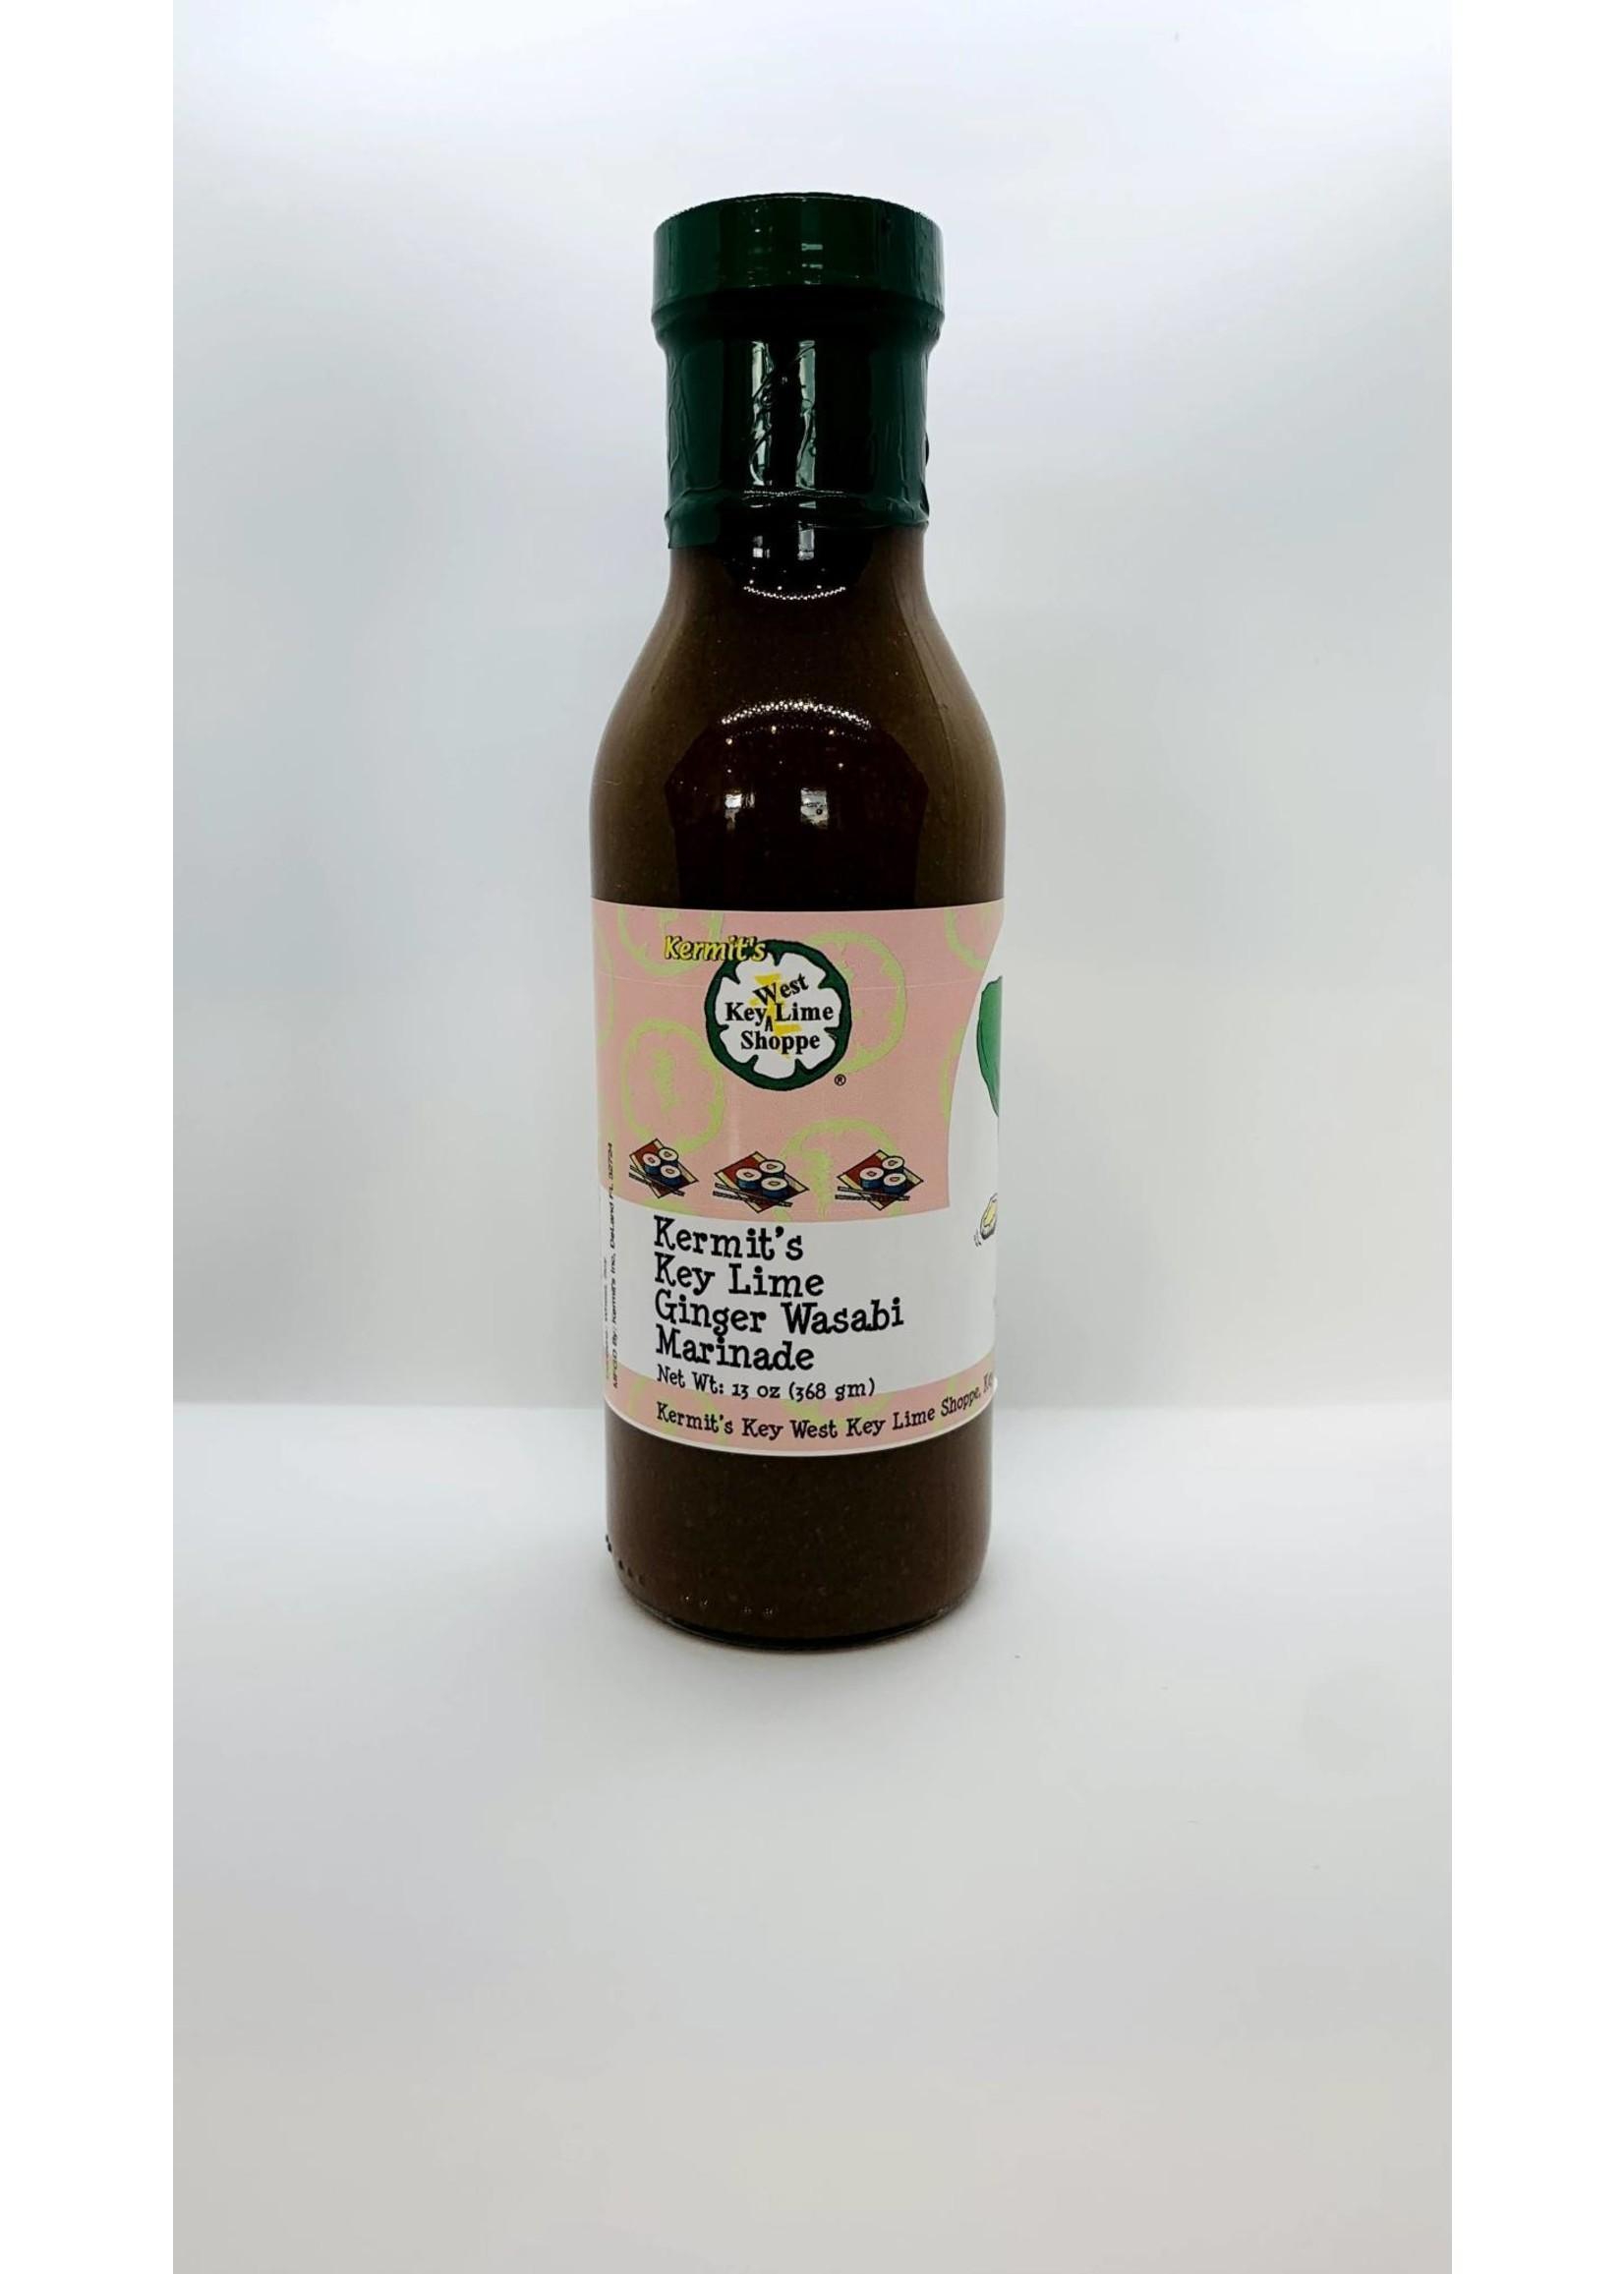 Kermit's Key Lime Ginger Wasabi Sauce 13 oz